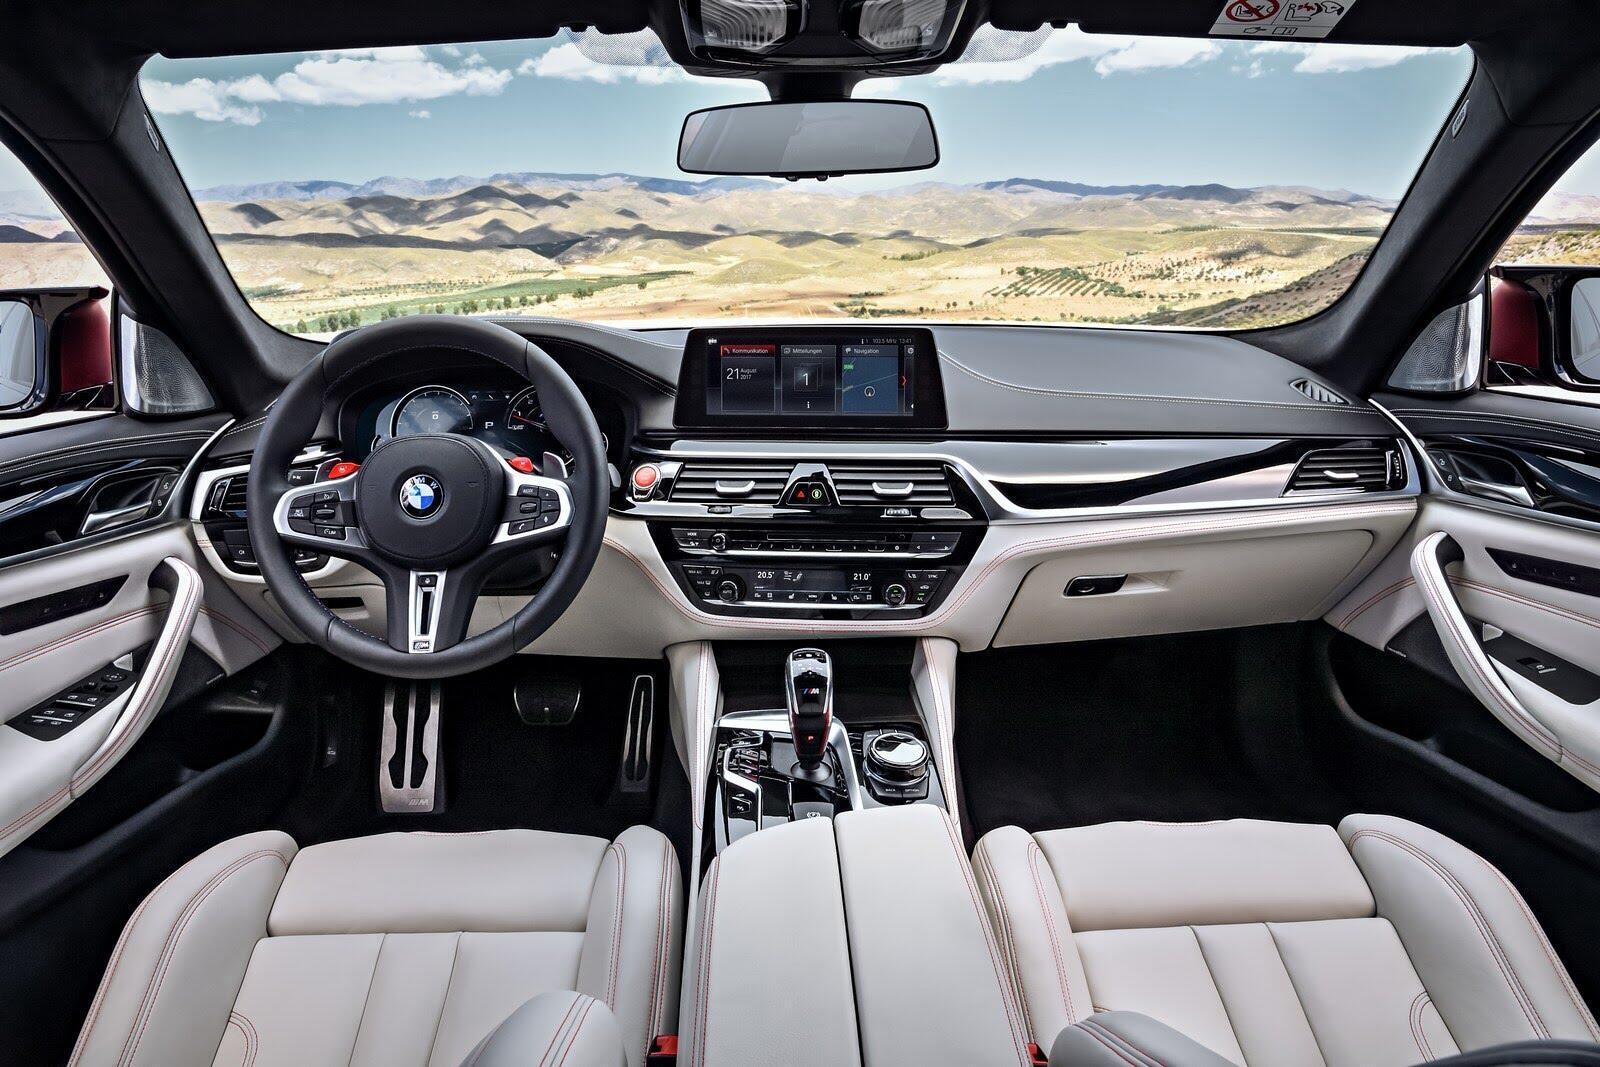 BMW M5 2018 chính thức trình làng với 600 mã lực - Hình 39